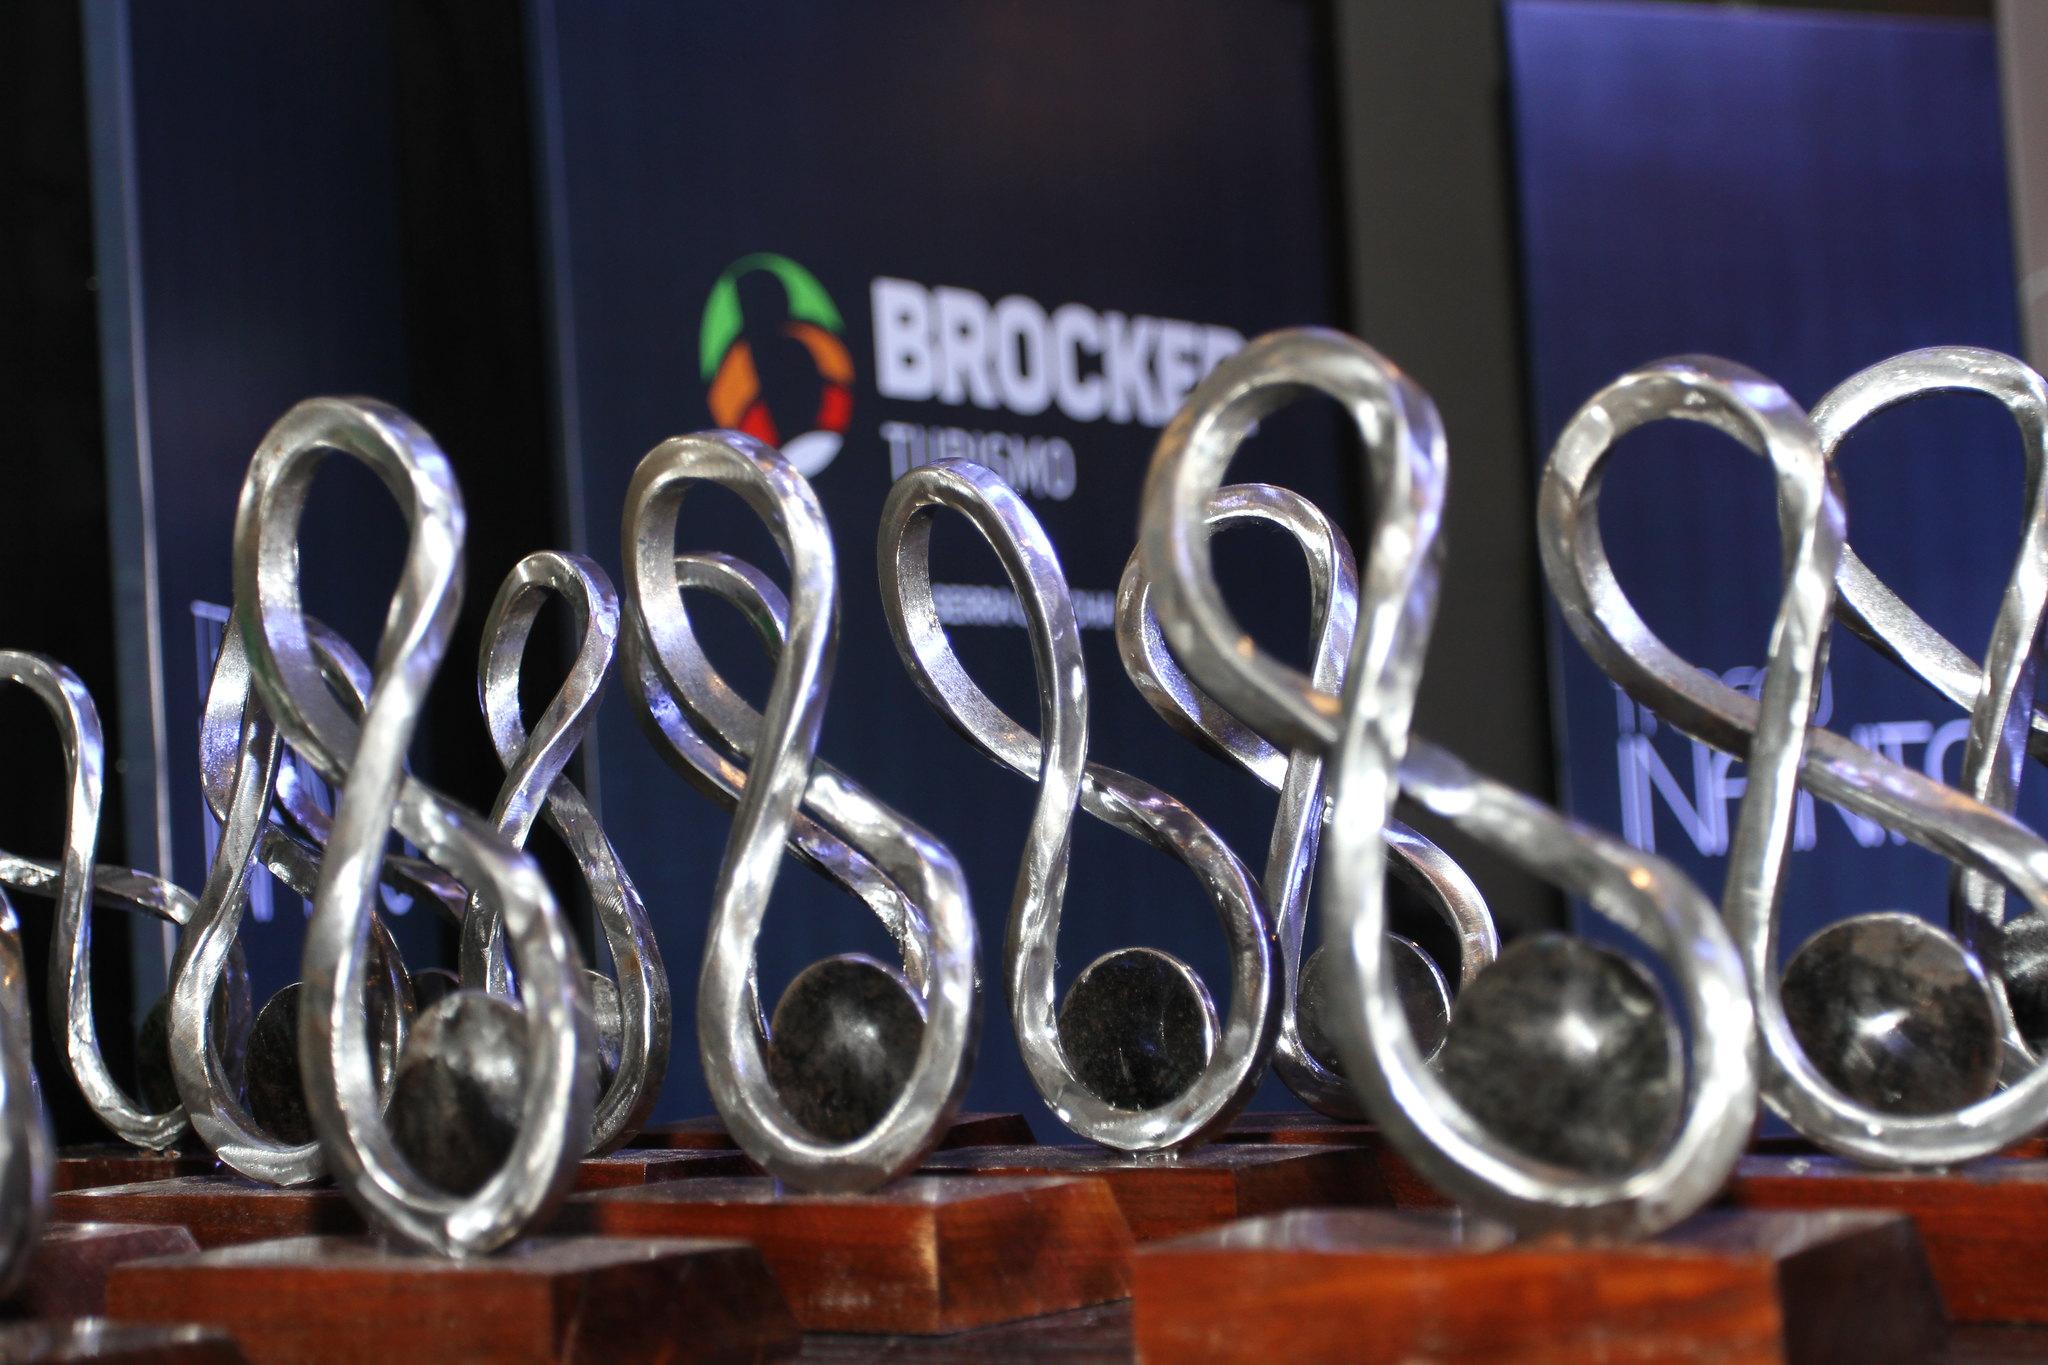 Brocker homenageará trade turístico nacional com o Troféu Infinito